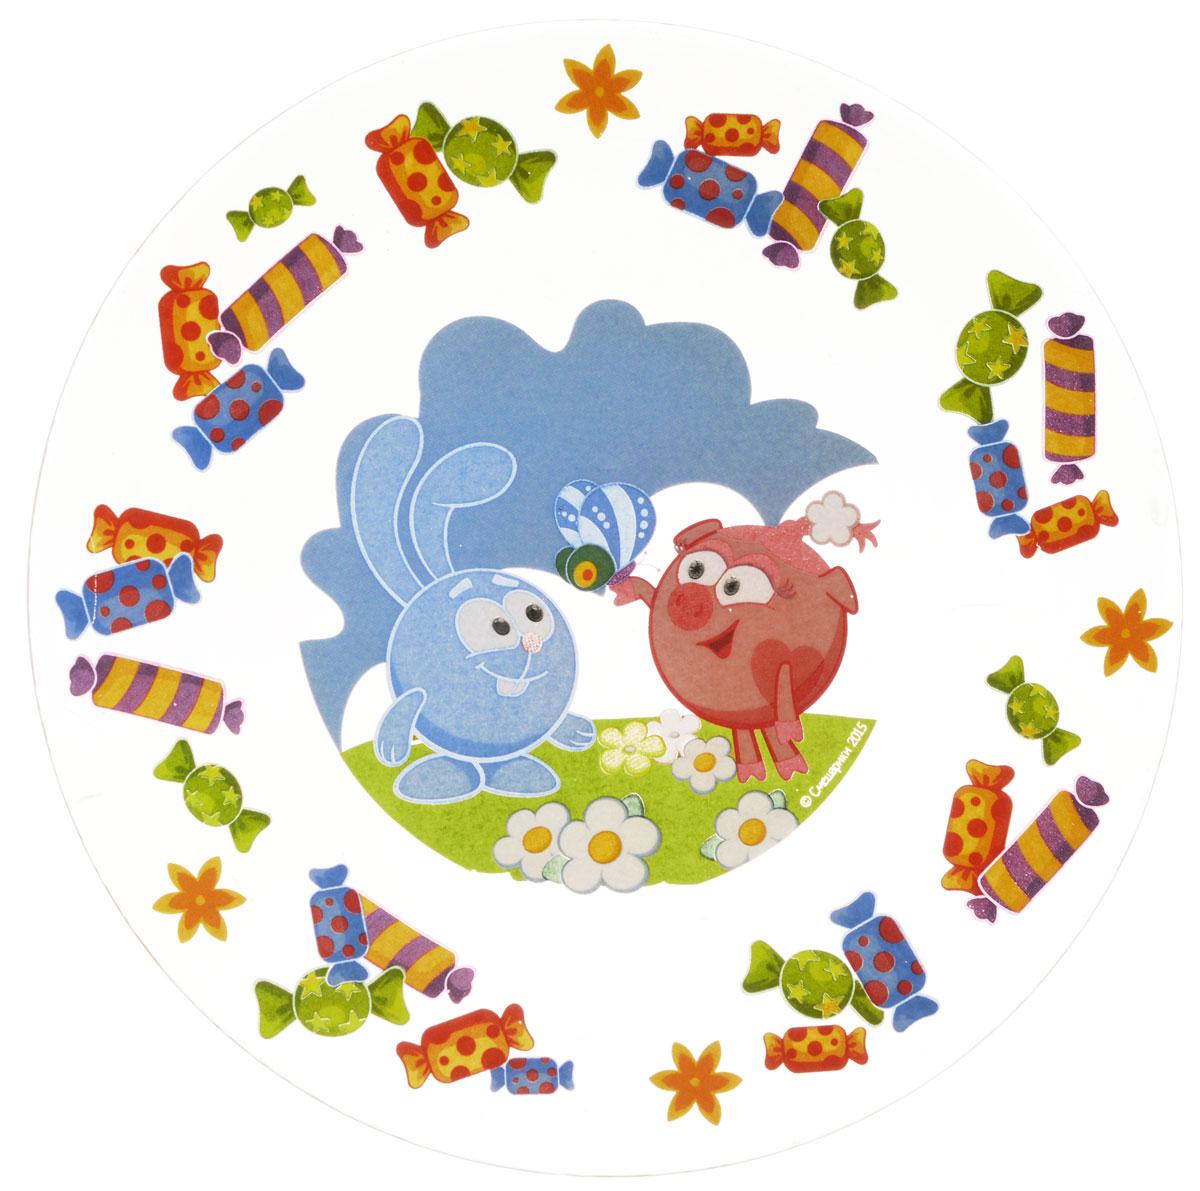 Смешарики Тарелка детская Конфеты диаметр 19,5 смСШТ195-1Яркая тарелка Смешарики Конфеты идеально подойдет для кормления малыша и самостоятельного приема им пищи. Тарелка выполнена из стекла и оформлена высококачественным изображением героев мультсериала Смешарики.Такой подарок станет не только приятным, но и практичным сувениром, добавит ярких эмоций вашему ребенку! Можно использовать в посудомоечной машине и использовать в СВЧ-печи.